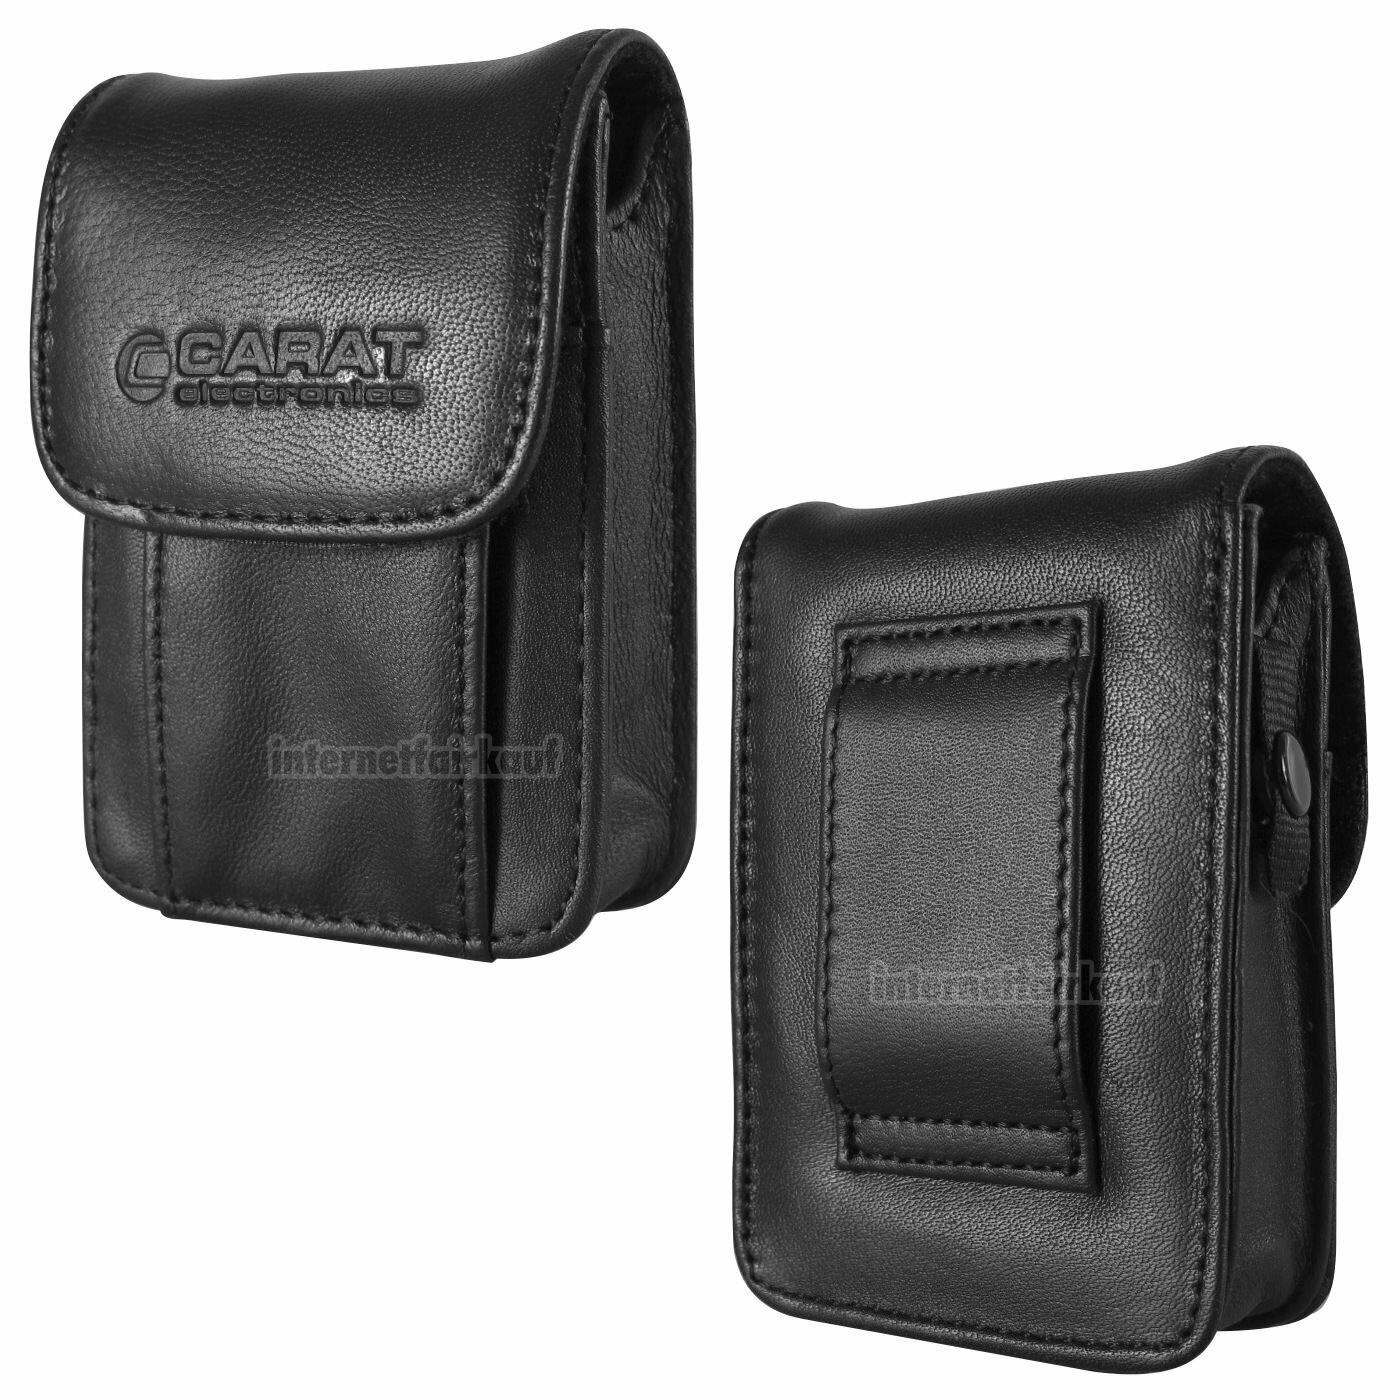 Gürteltasche Kameratasche passend für Medion Life P43040 (MD86830) - Leder Etui